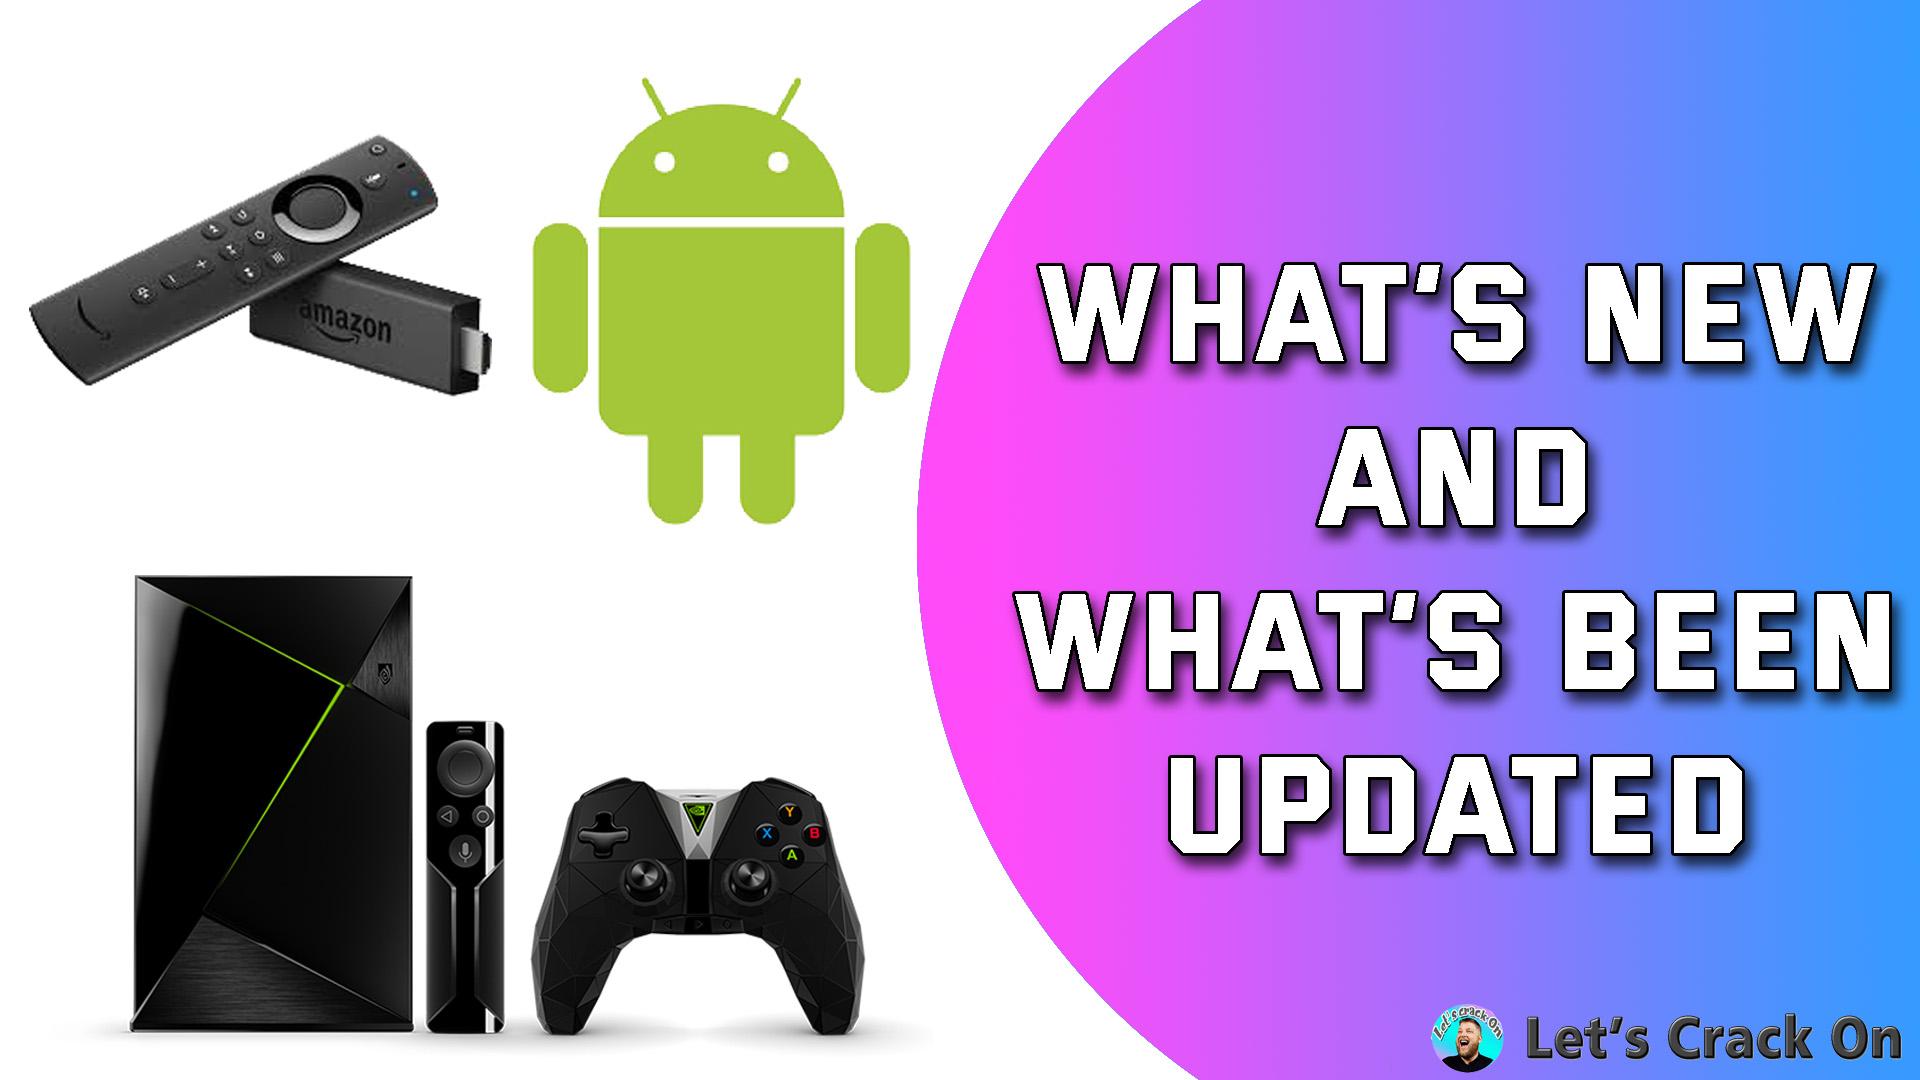 APK updates